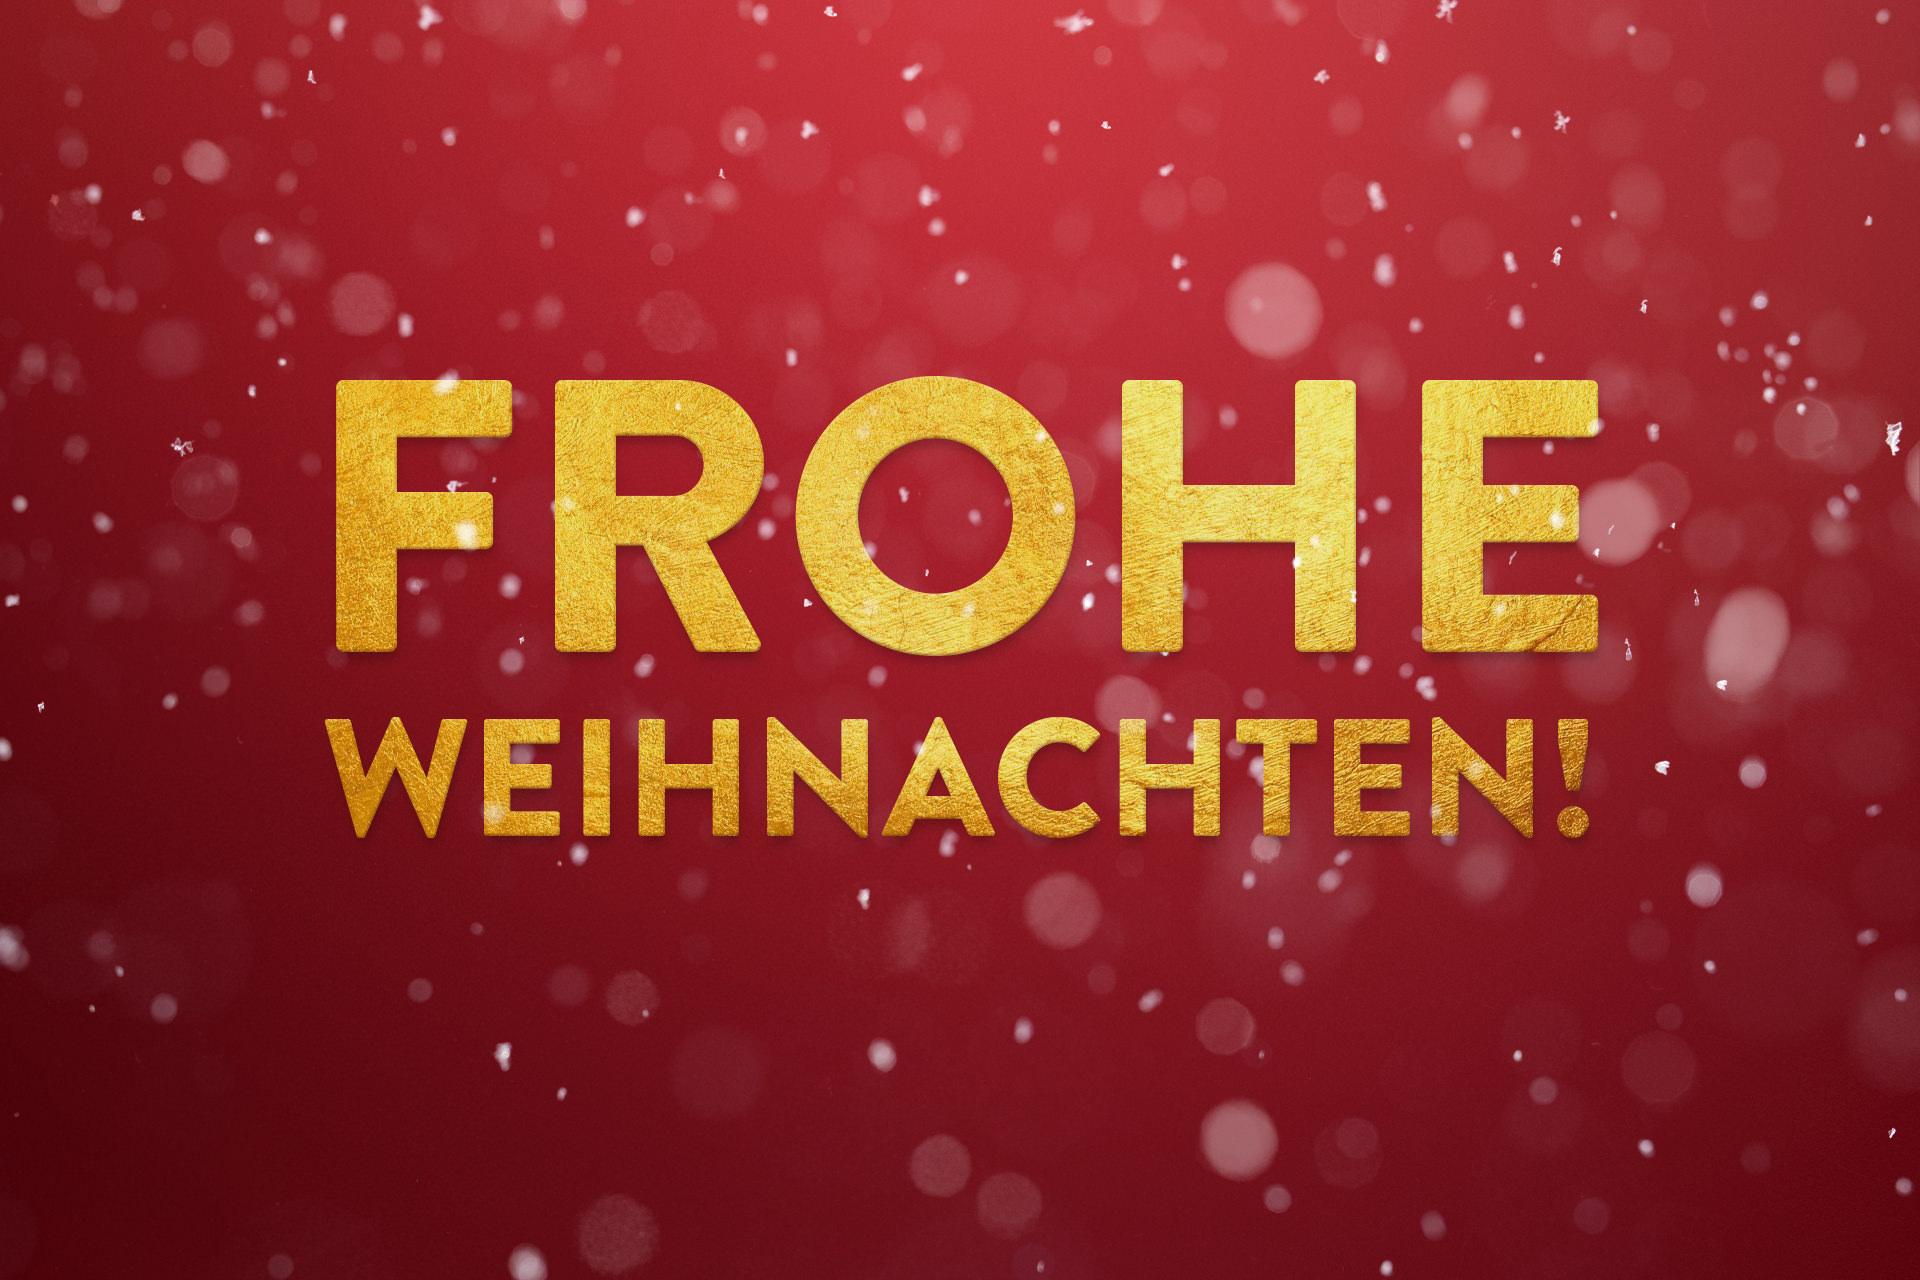 Frohe Weihnachten! – blog.kaikutzki.de